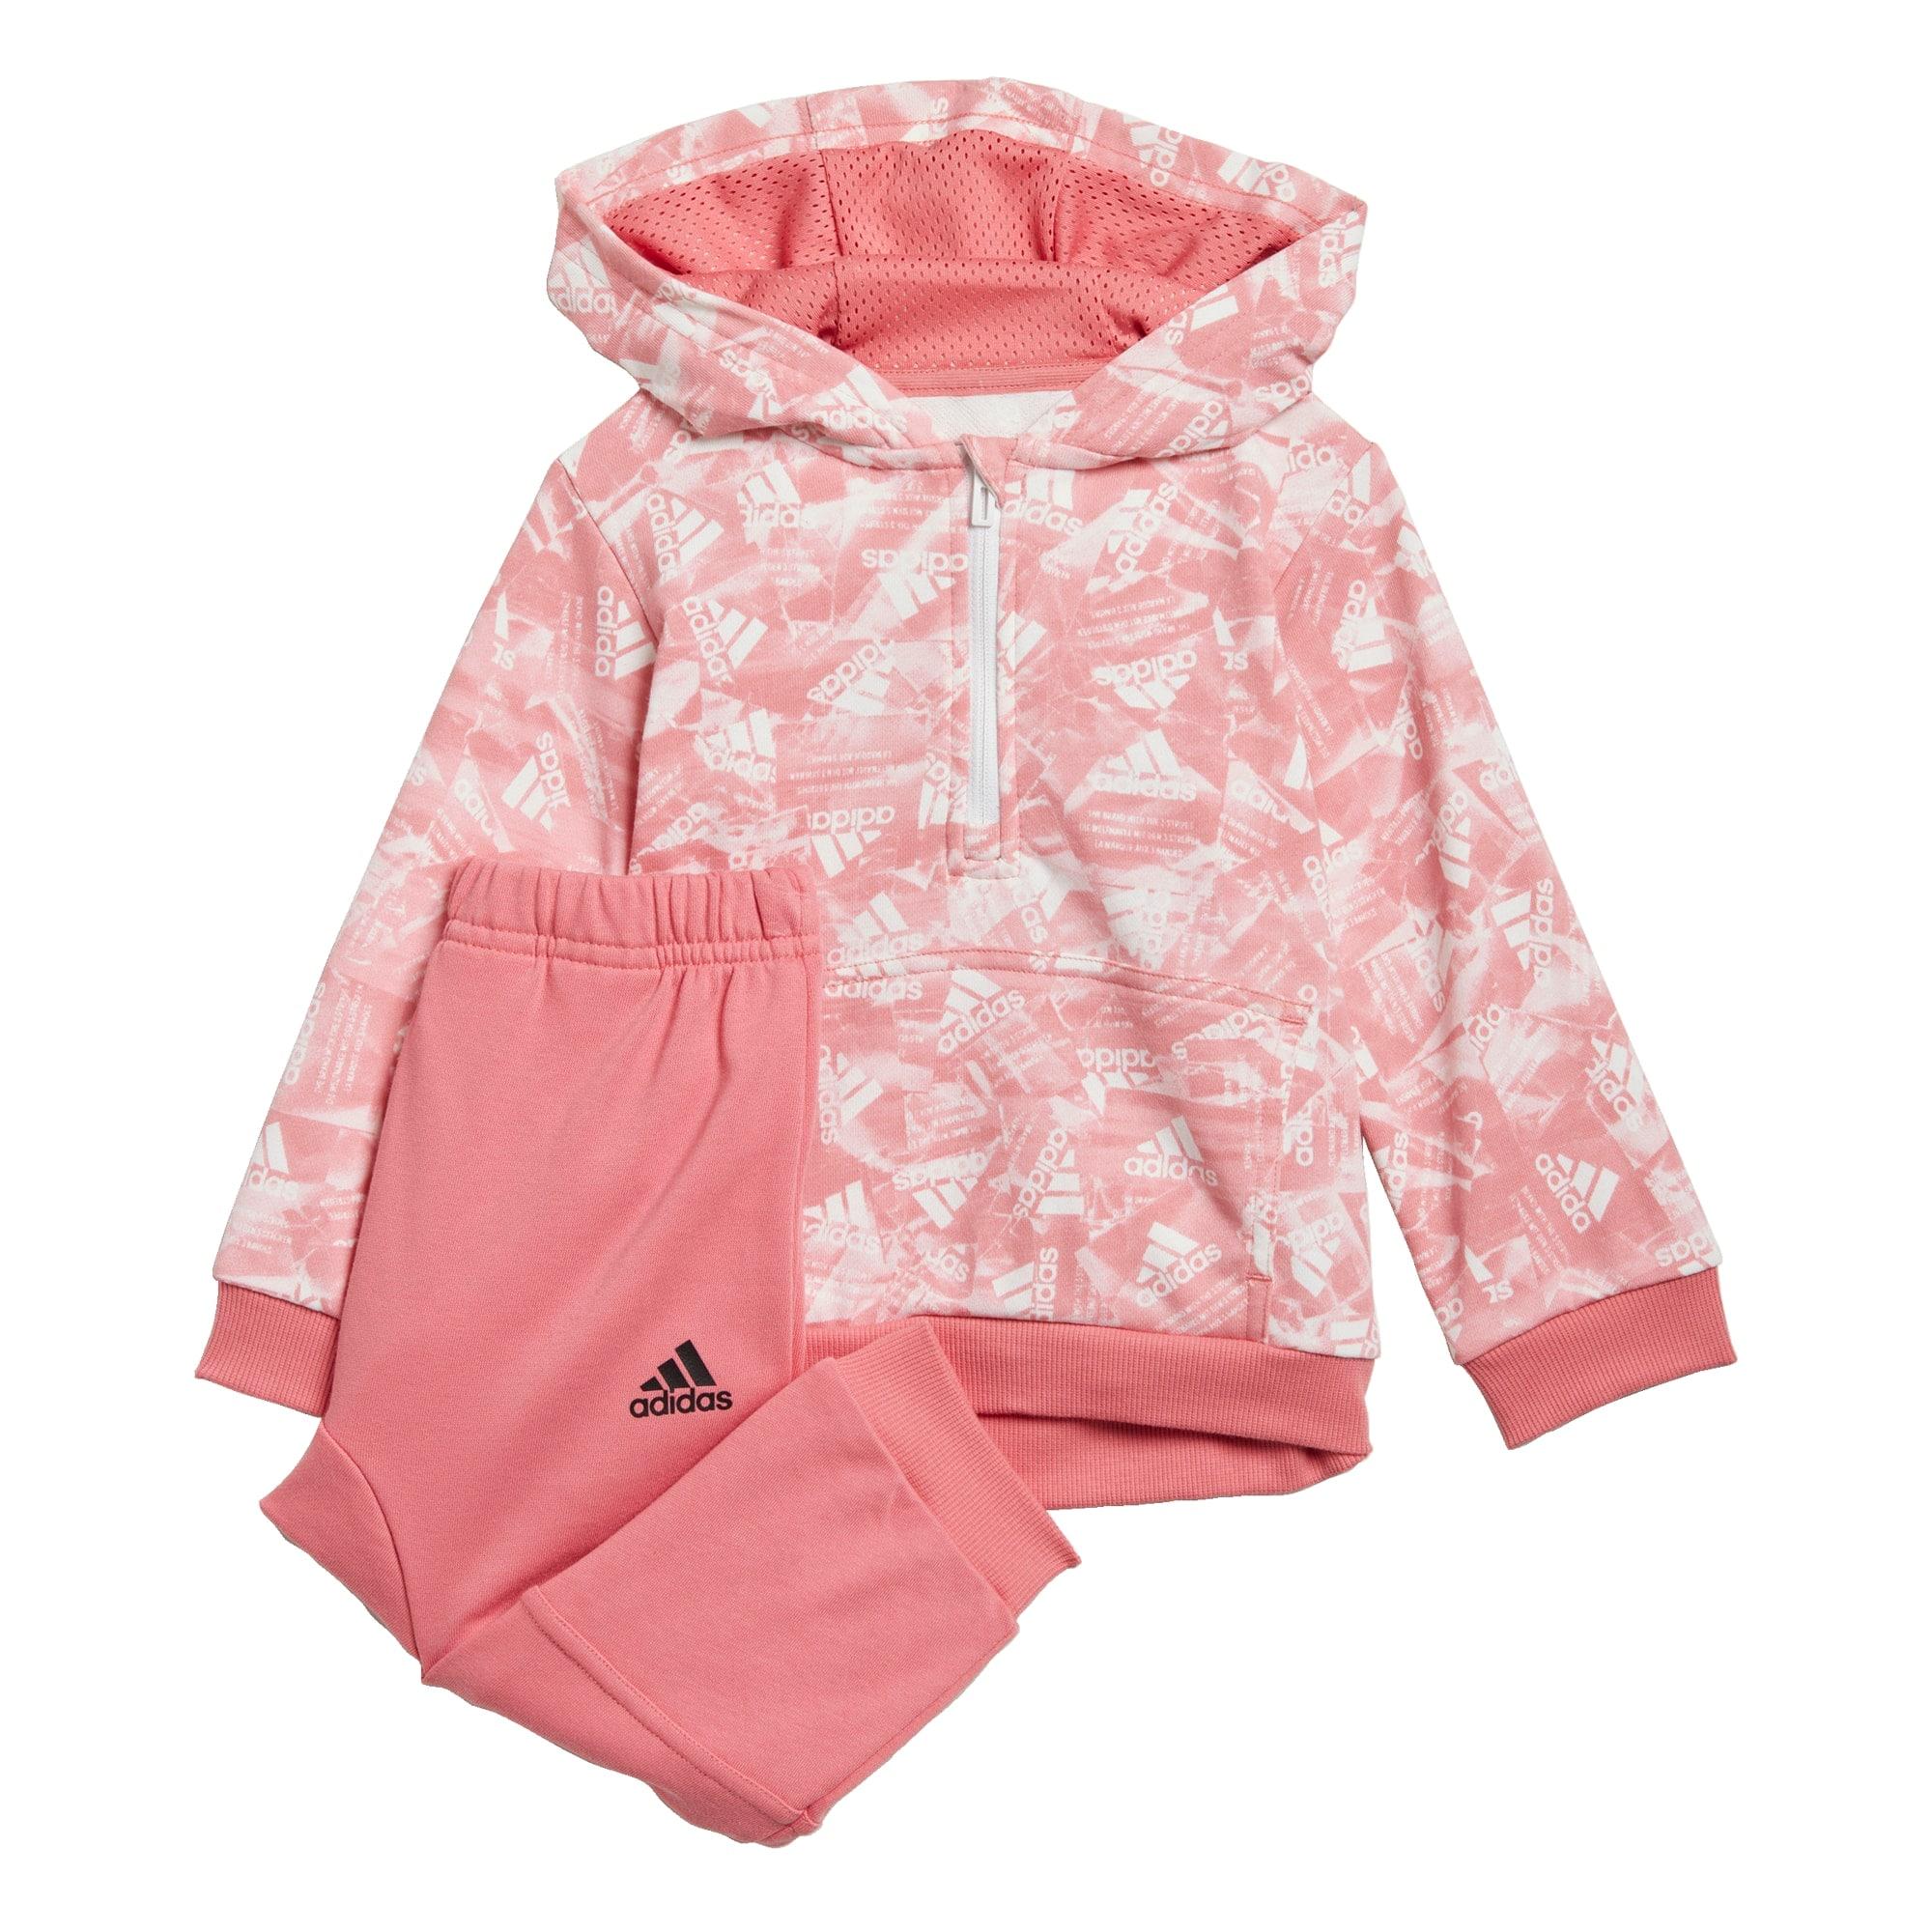 ADIDAS PERFORMANCE Treniruočių kostiumas ryškiai rožinė spalva / balta / juoda